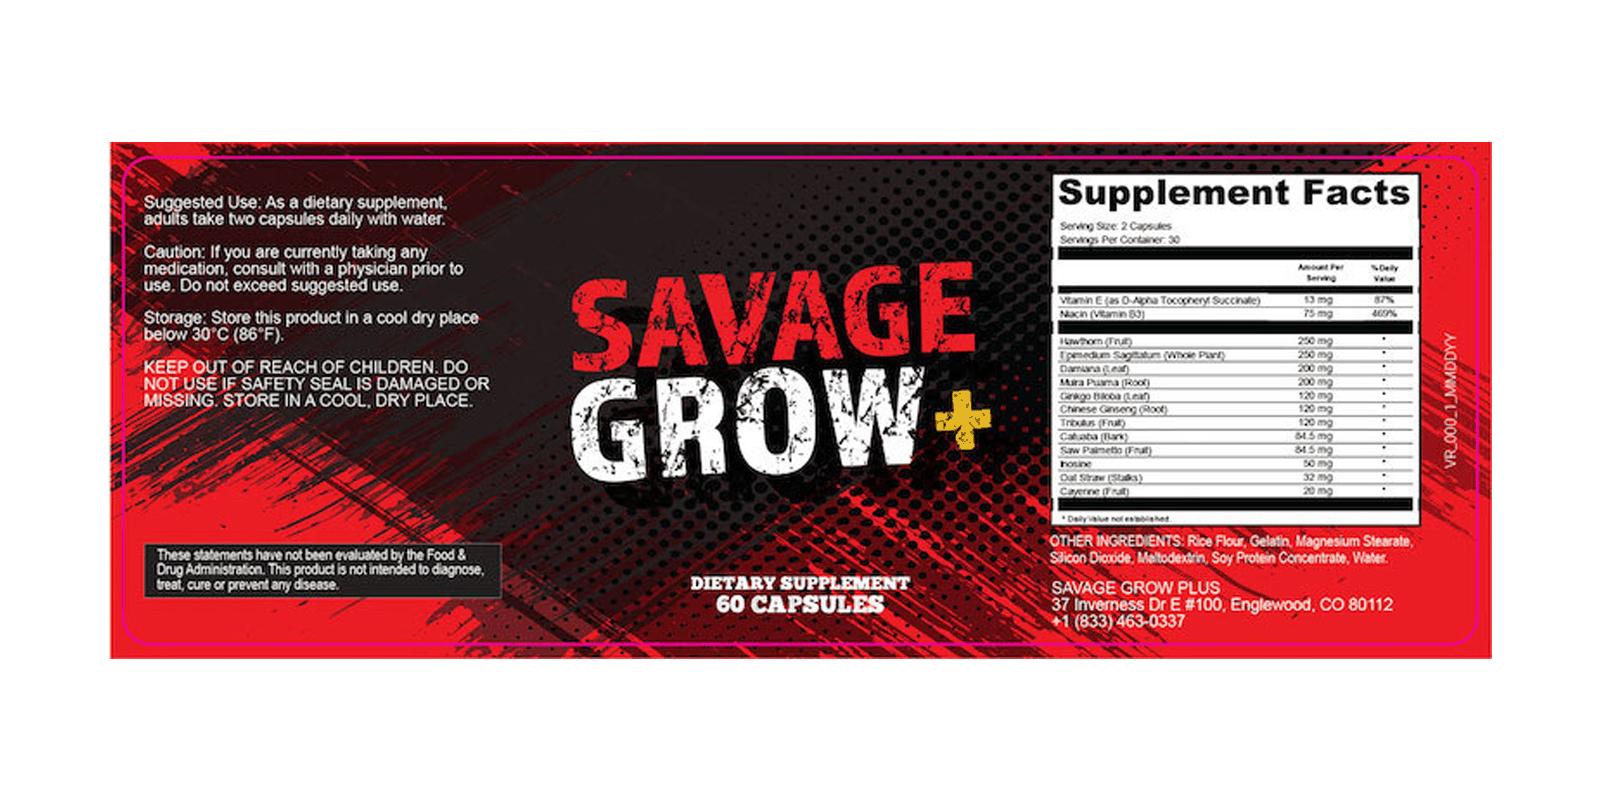 Savage Grow Plus doasage